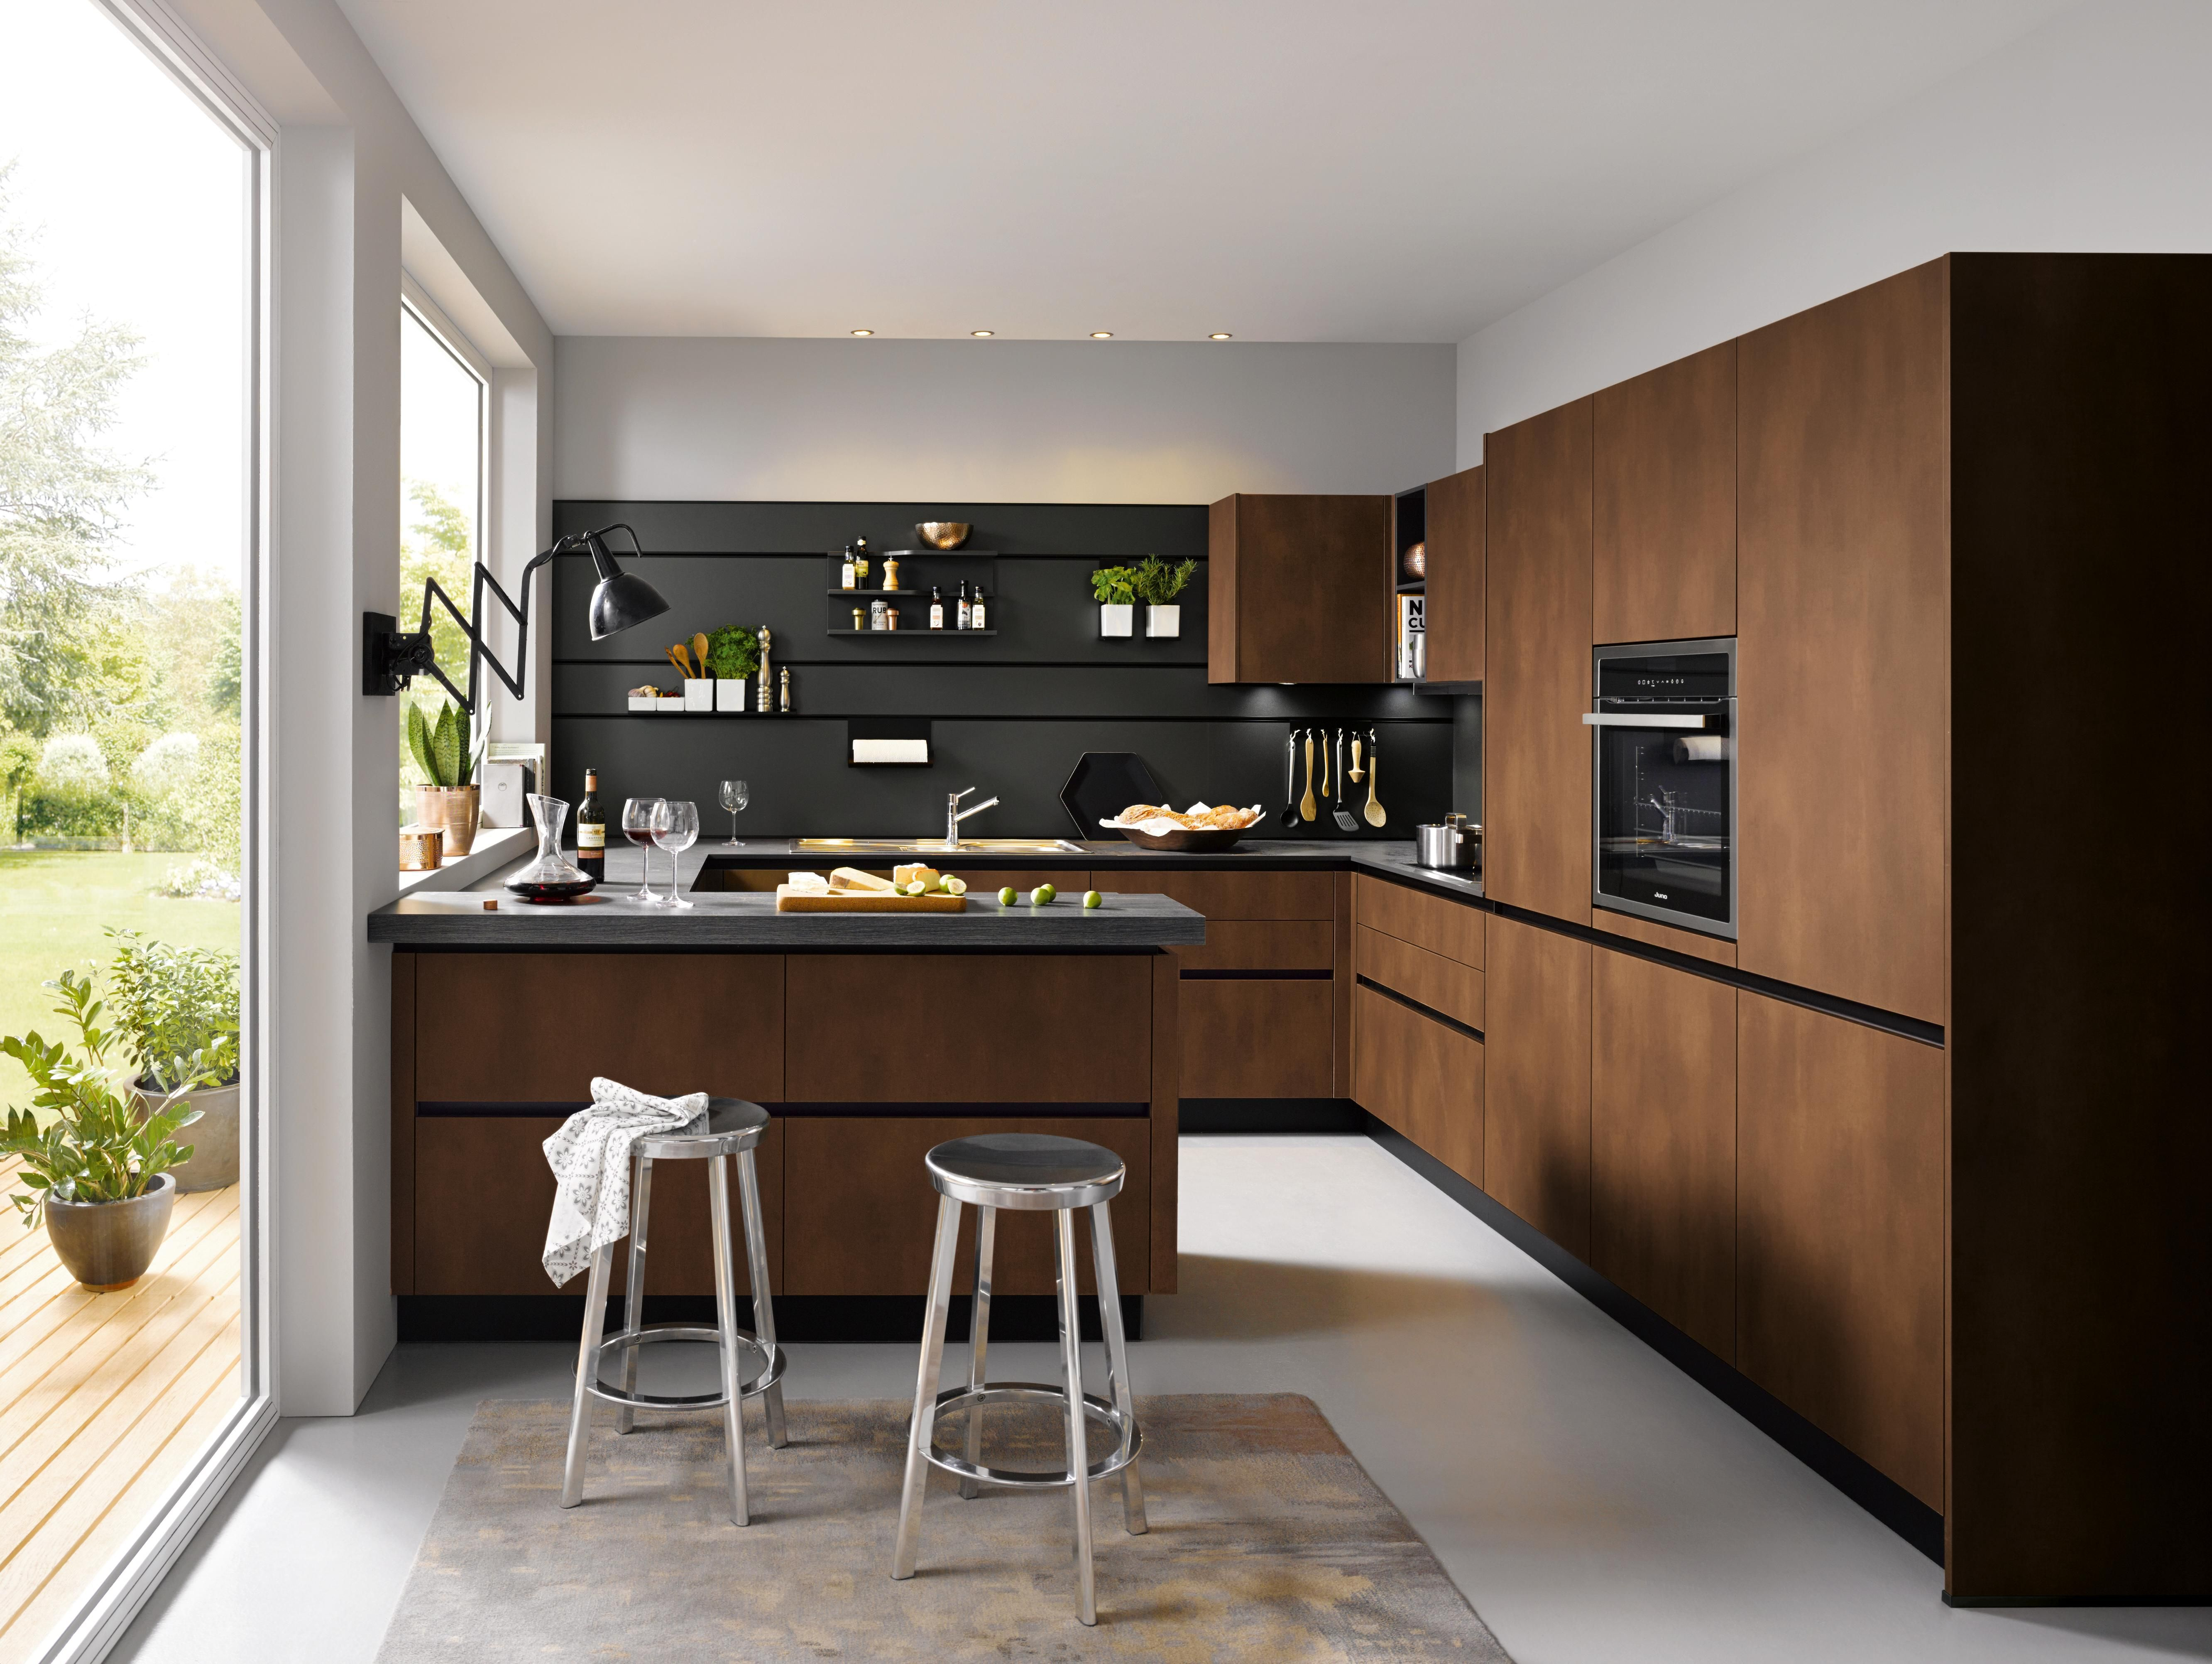 Moderne Kuche Aus Braunem Holz Mit Kochinsel Bar Moderne Kuchendesigns Kuchendesign Modern Kuchentrends